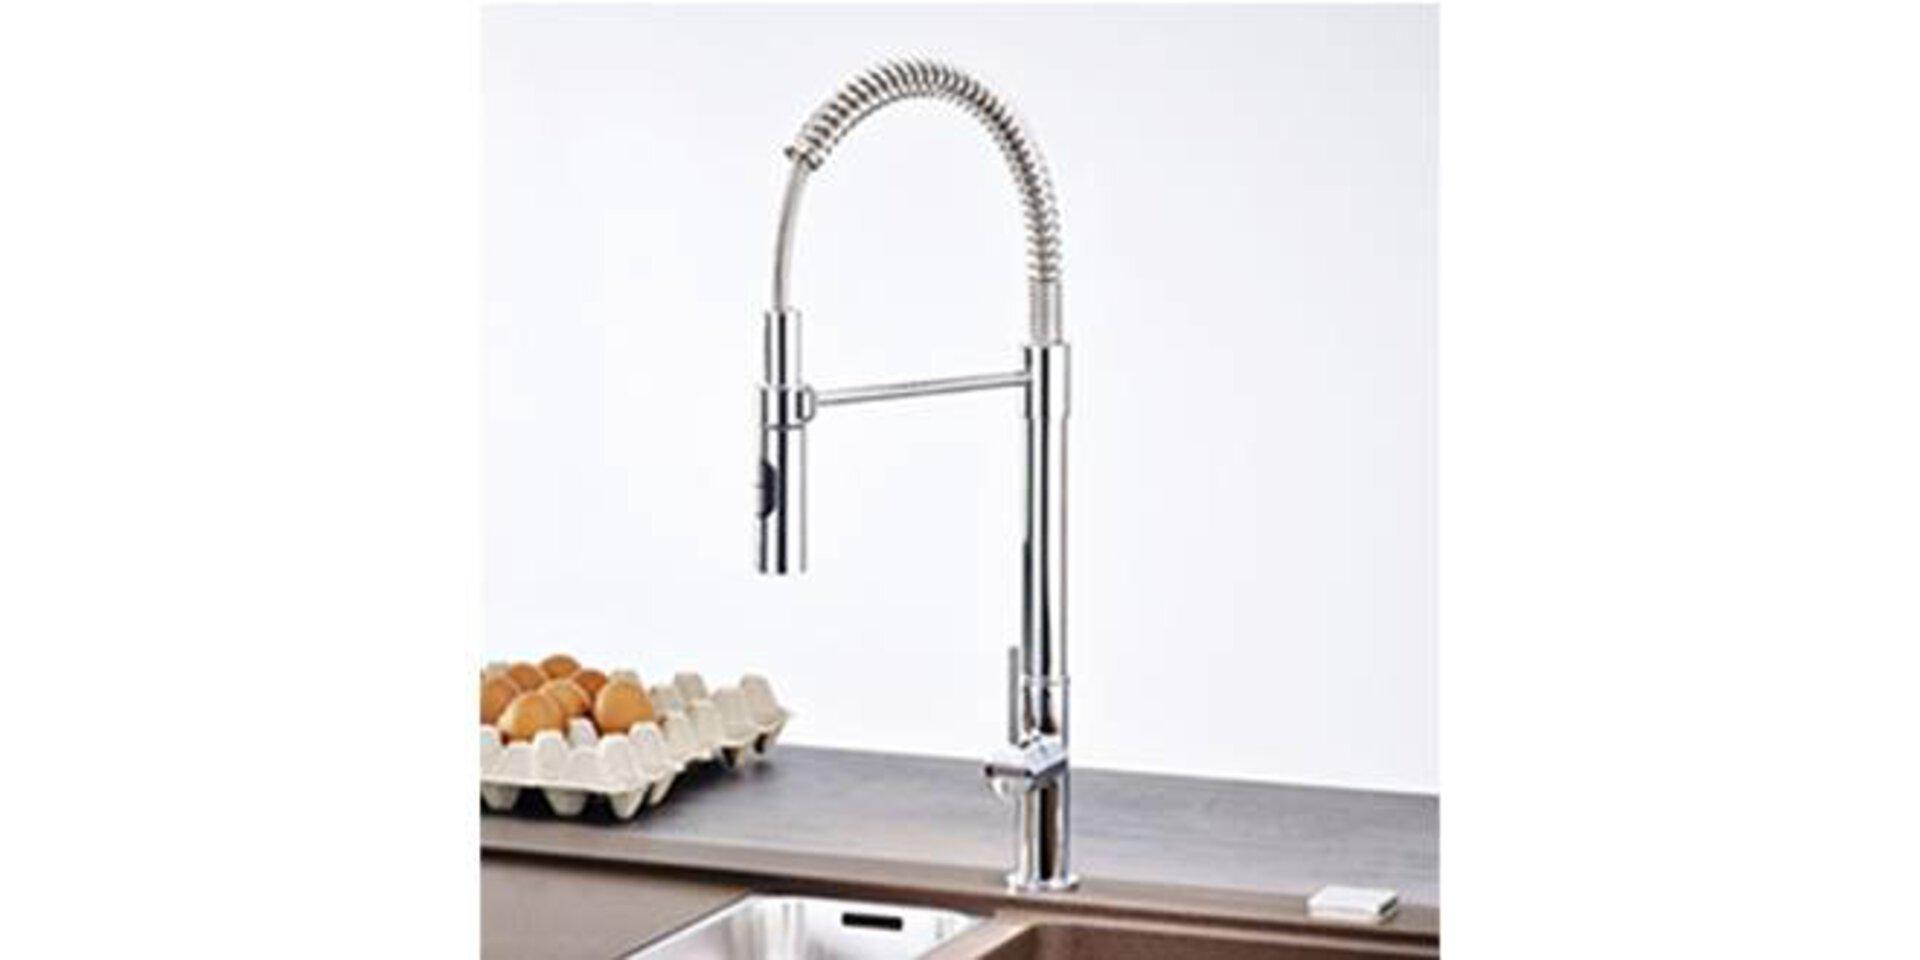 Hoher Wasserhahn aus Edelstahl mit Schlauchbrause als Armatur in der Küche.